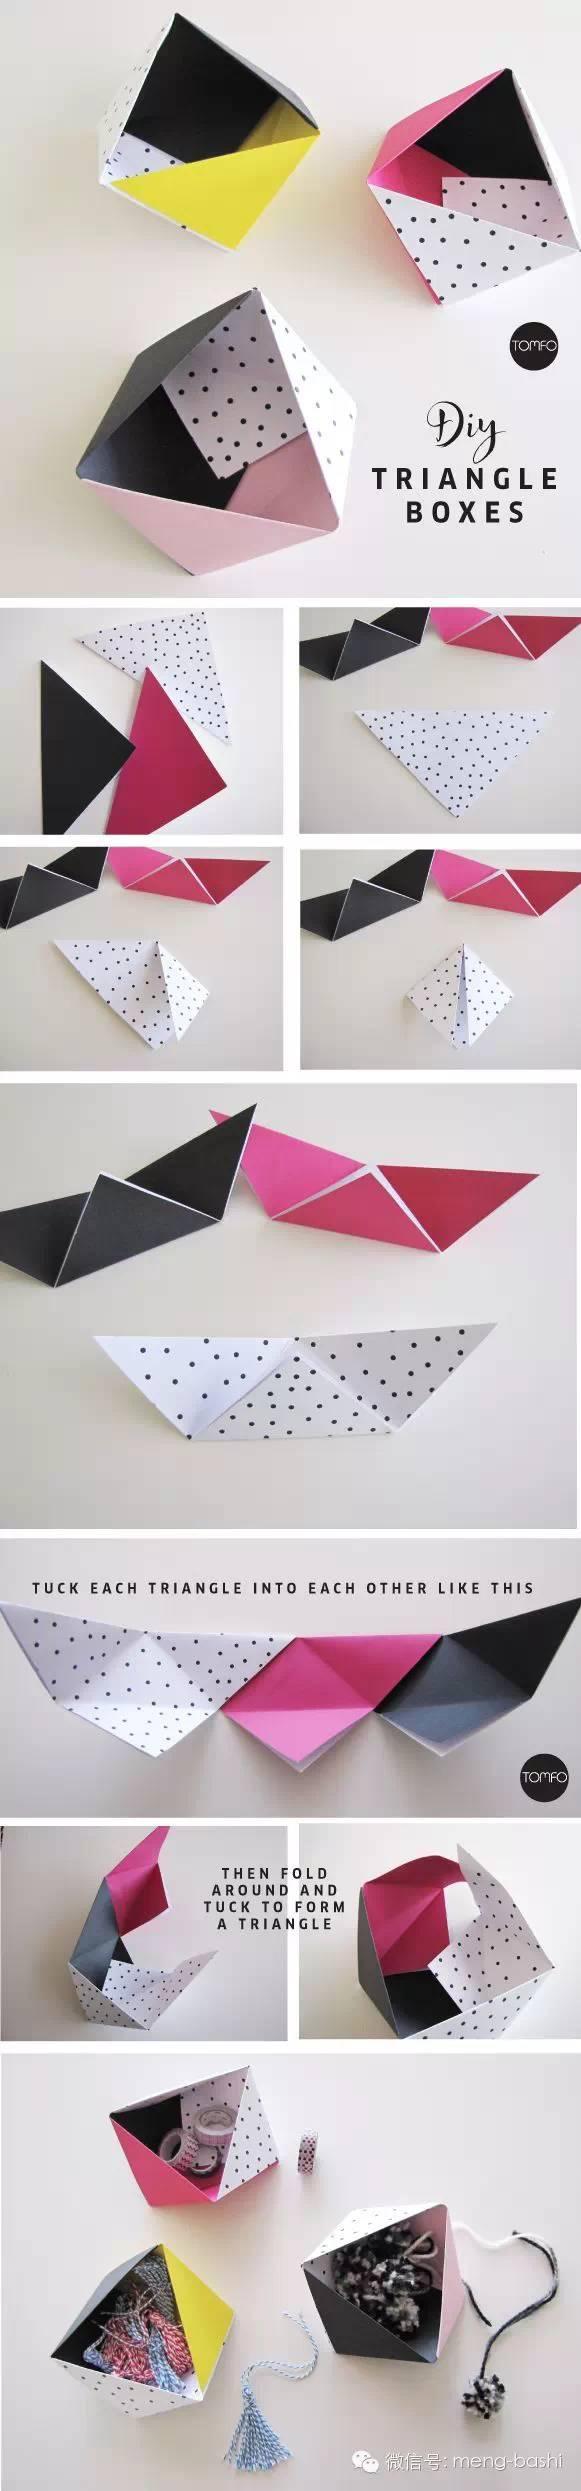 叠钱心形折纸步骤图解